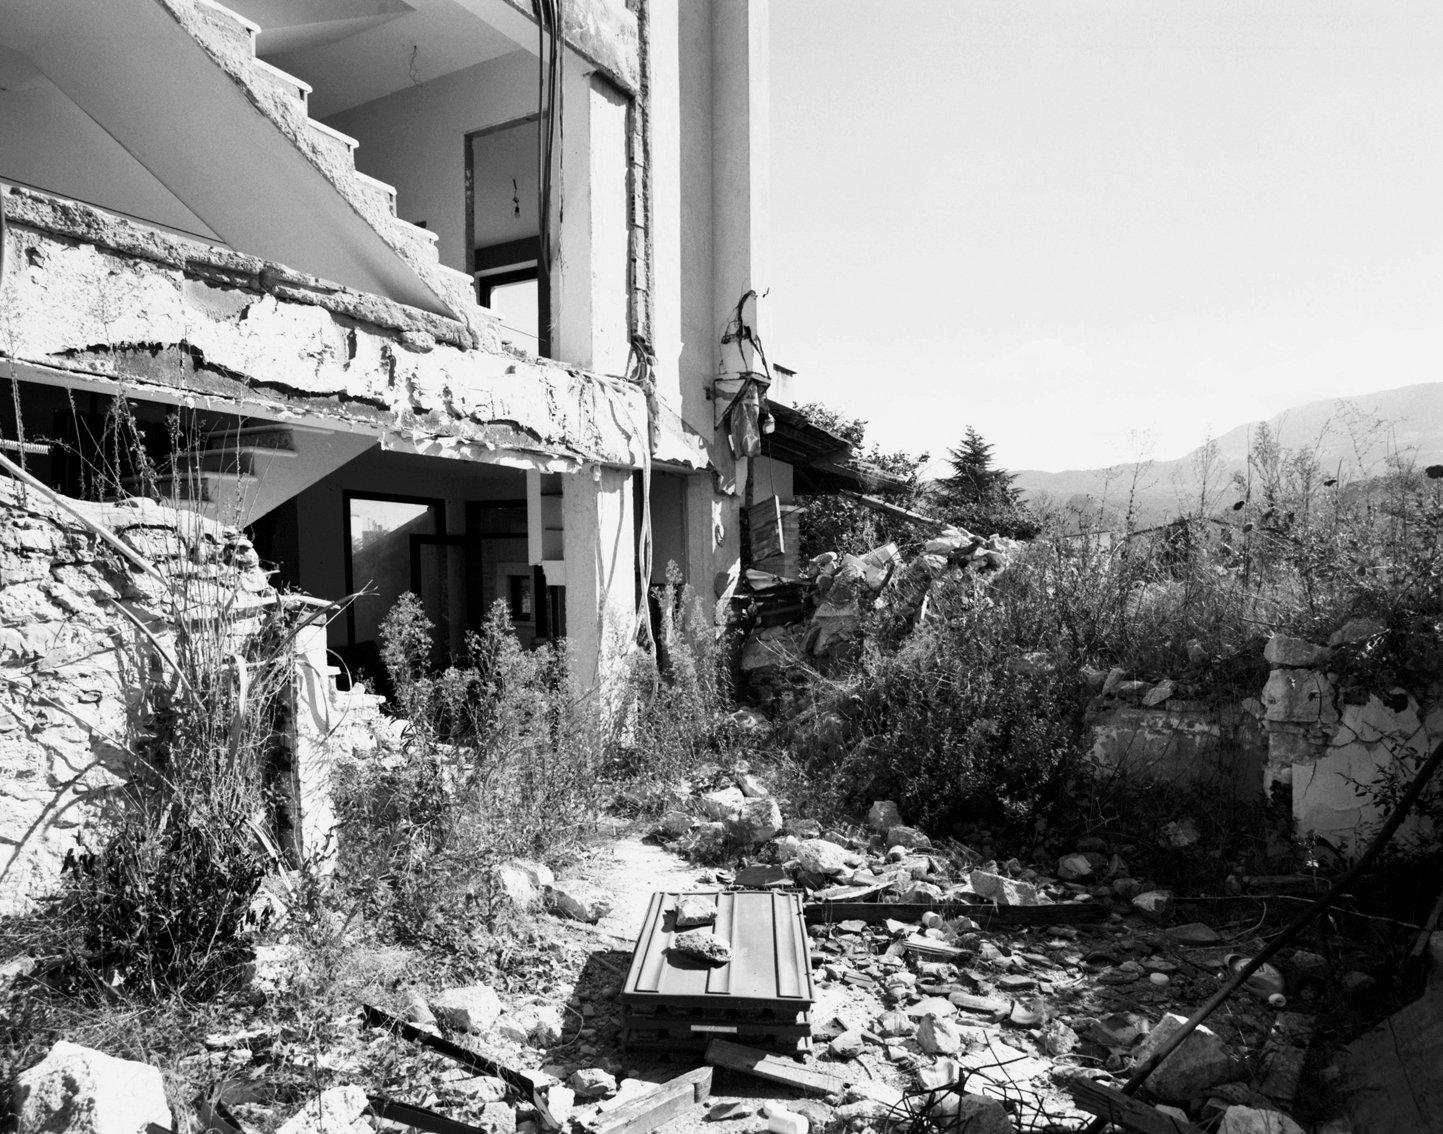 05_Dopo, la polvere © Gianfranco Gallucci 72w.jpg